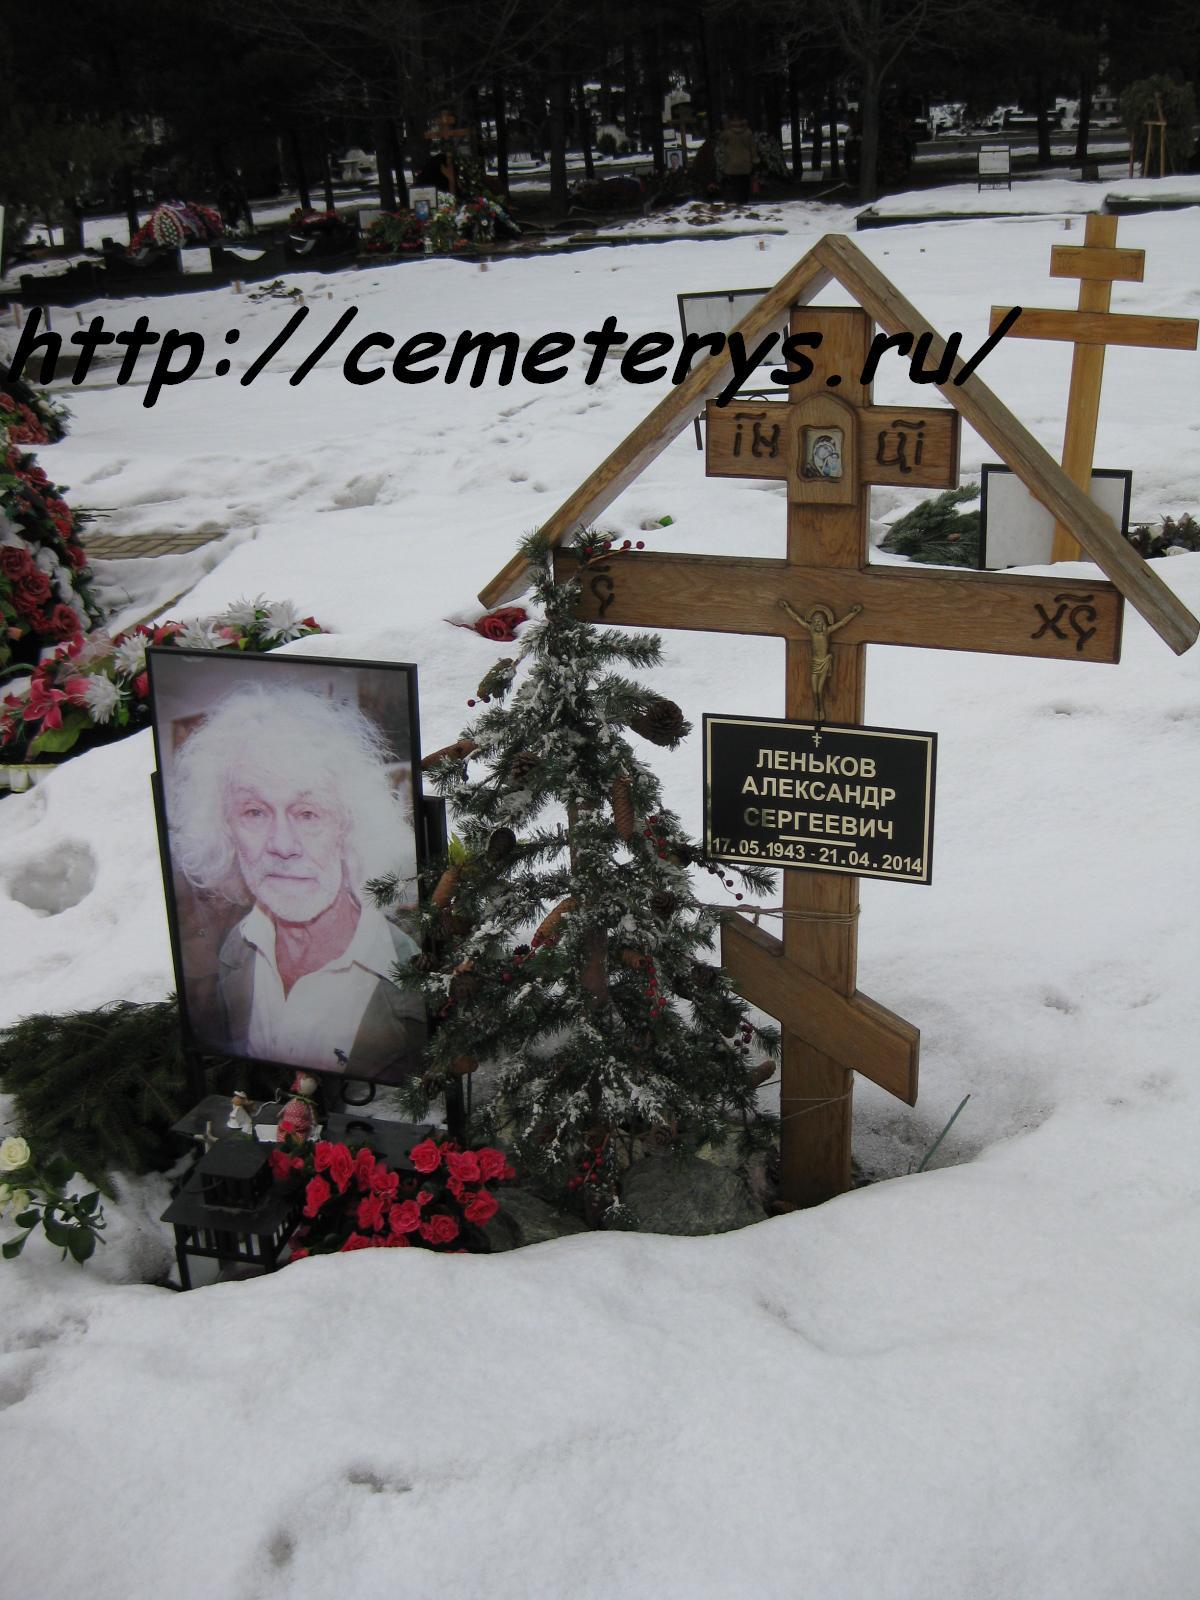 могила Александра Ленькова на Троекуровском кладбище в Москве  (фото Дмитрия Кондратьева)